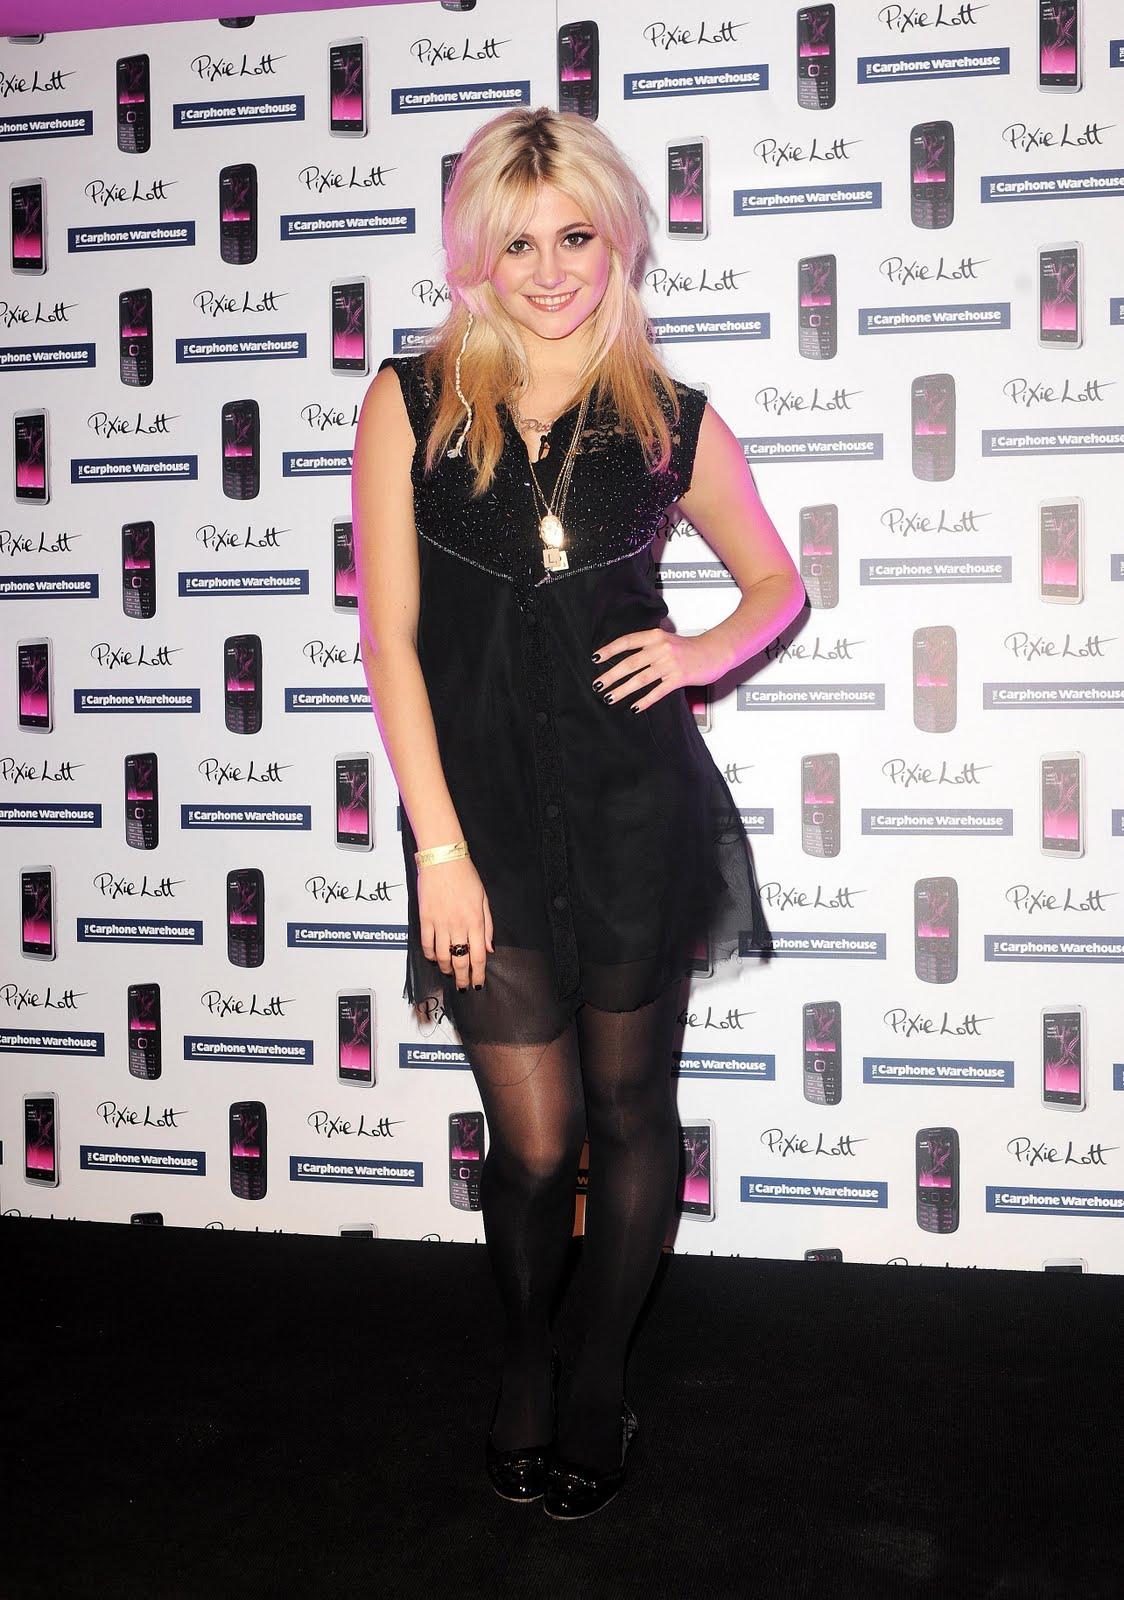 http://3.bp.blogspot.com/_HQ0LpNp5LCE/THLM2VvVpyI/AAAAAAAAB8I/l7rKMzCsa4A/s1600/48435_celebrity-paradise.com_Pixie_Lott_Oxford_street_017_123_478lo.jpg